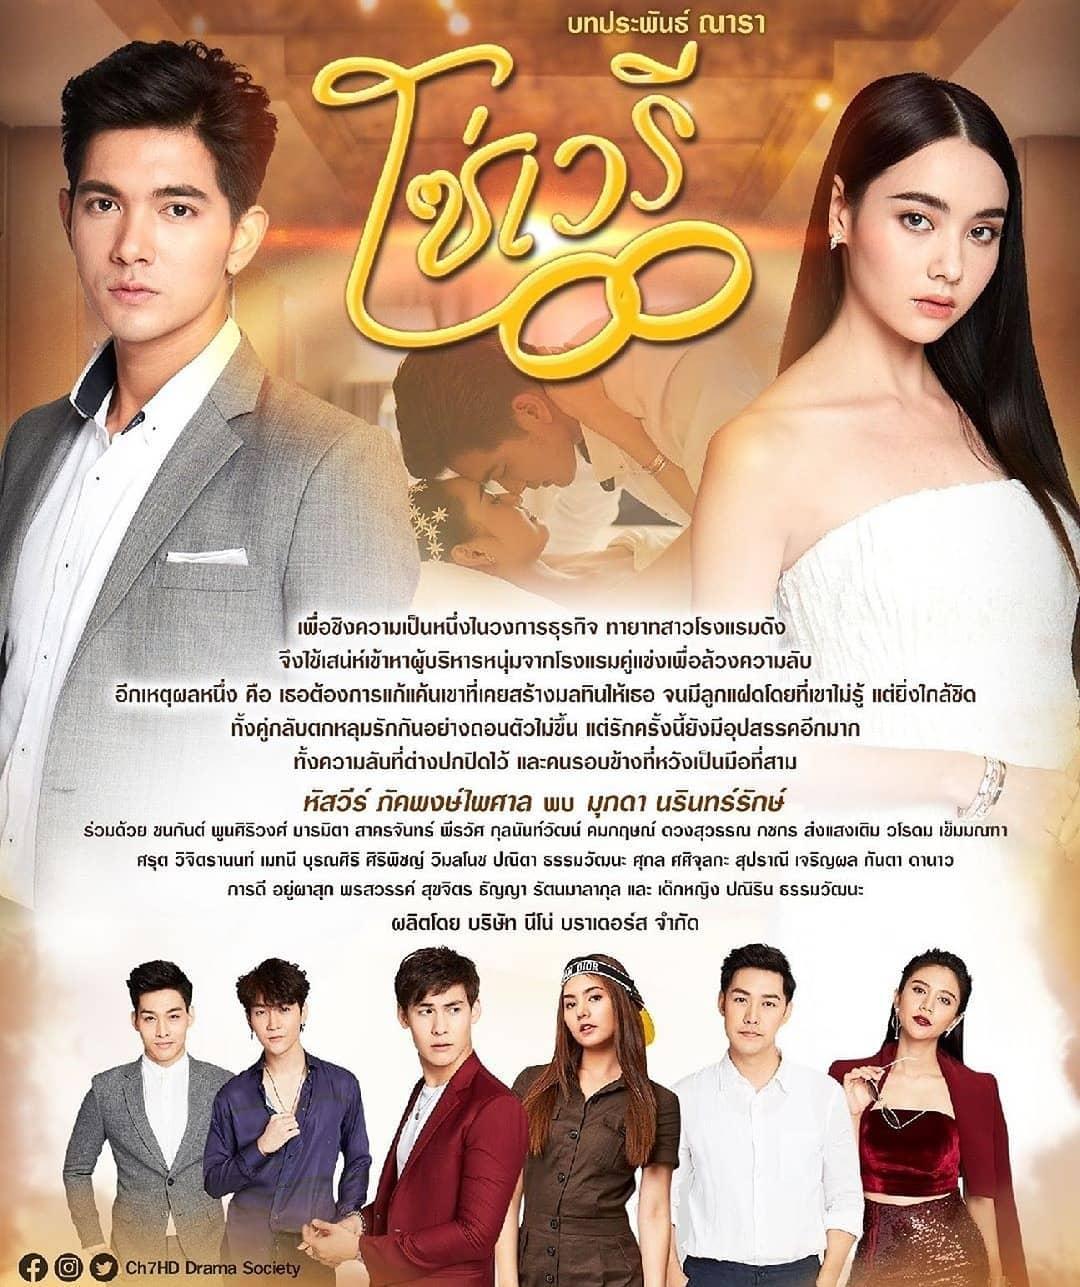 Phim Thái Lan: Mắt xích hận thù